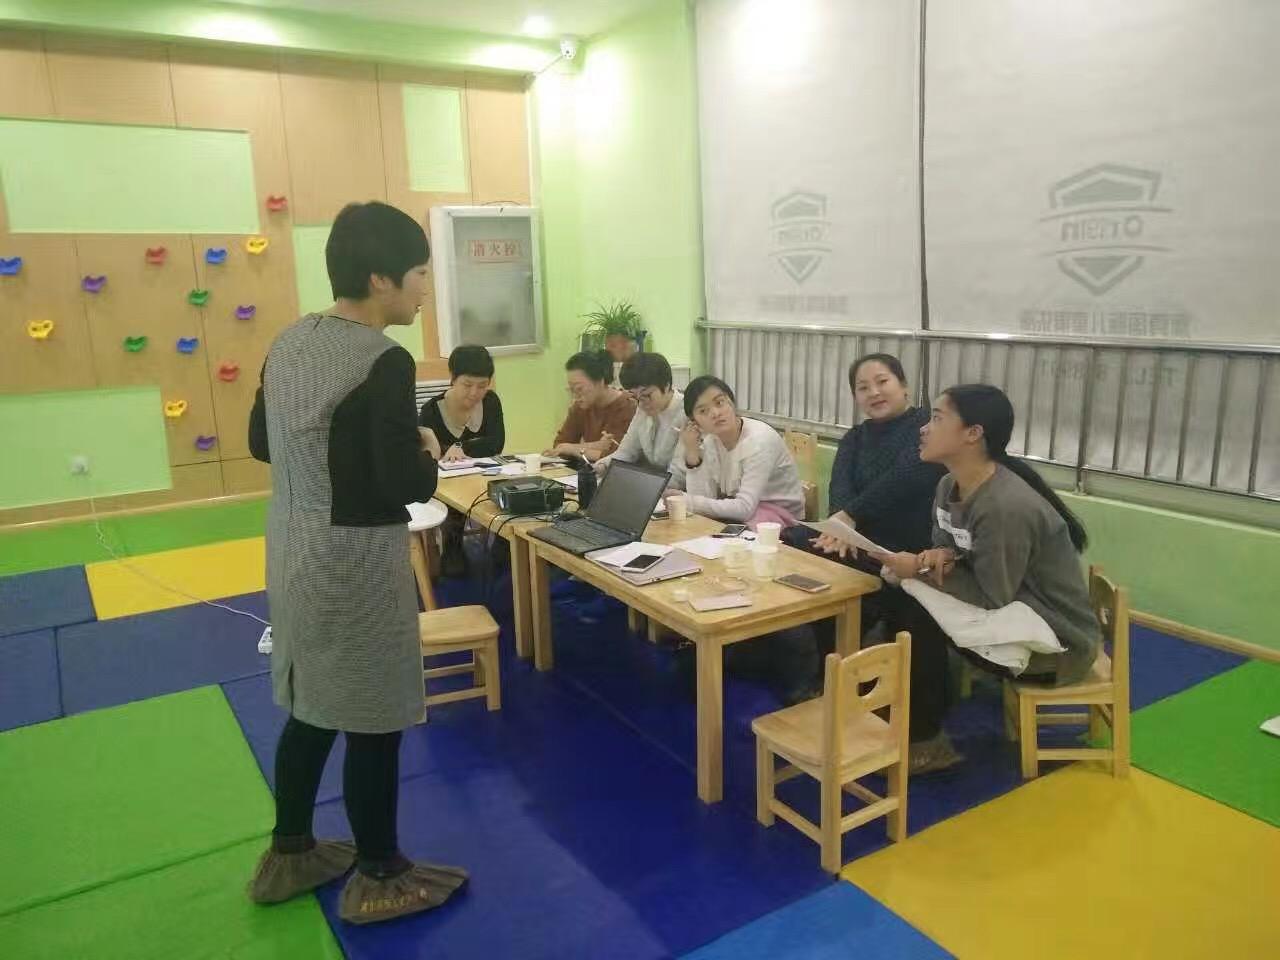 澳真国际儿童俱乐部第72期早教师培训开展中